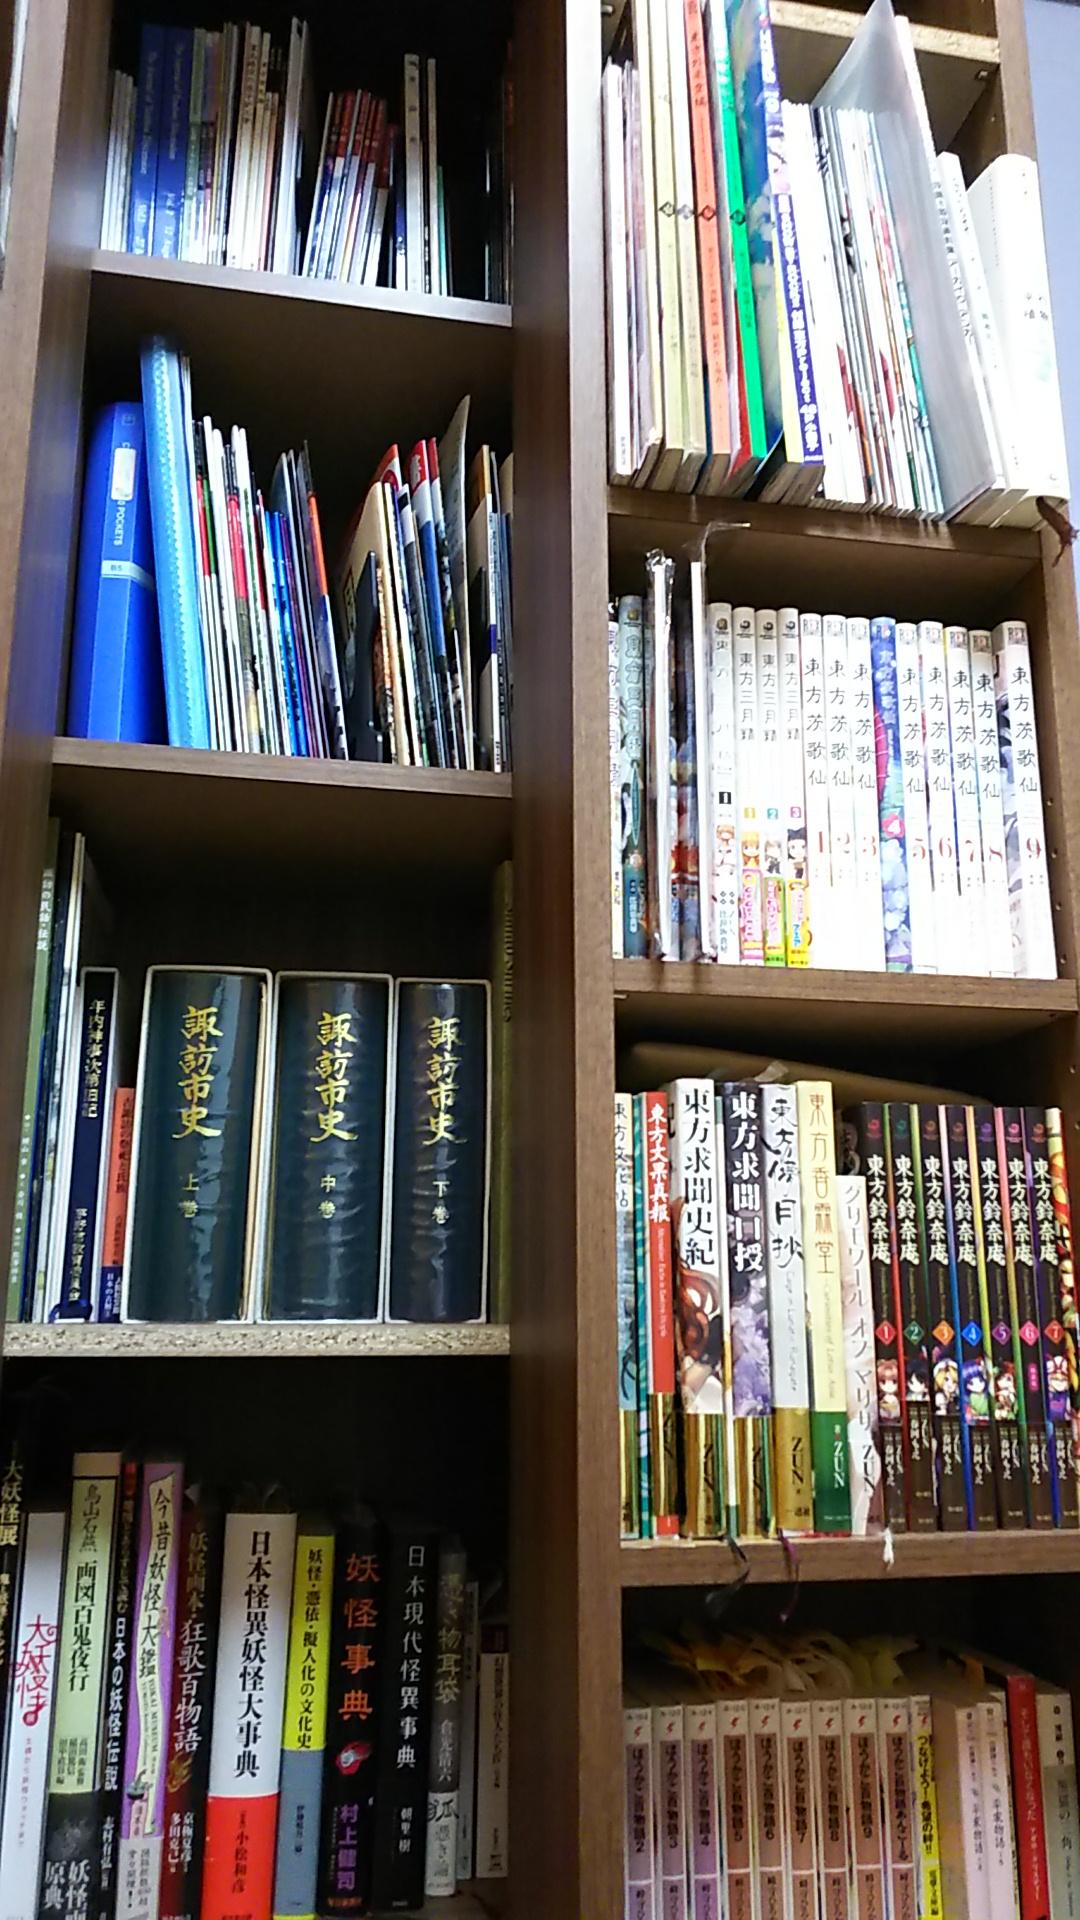 購入した本棚の一部 その2